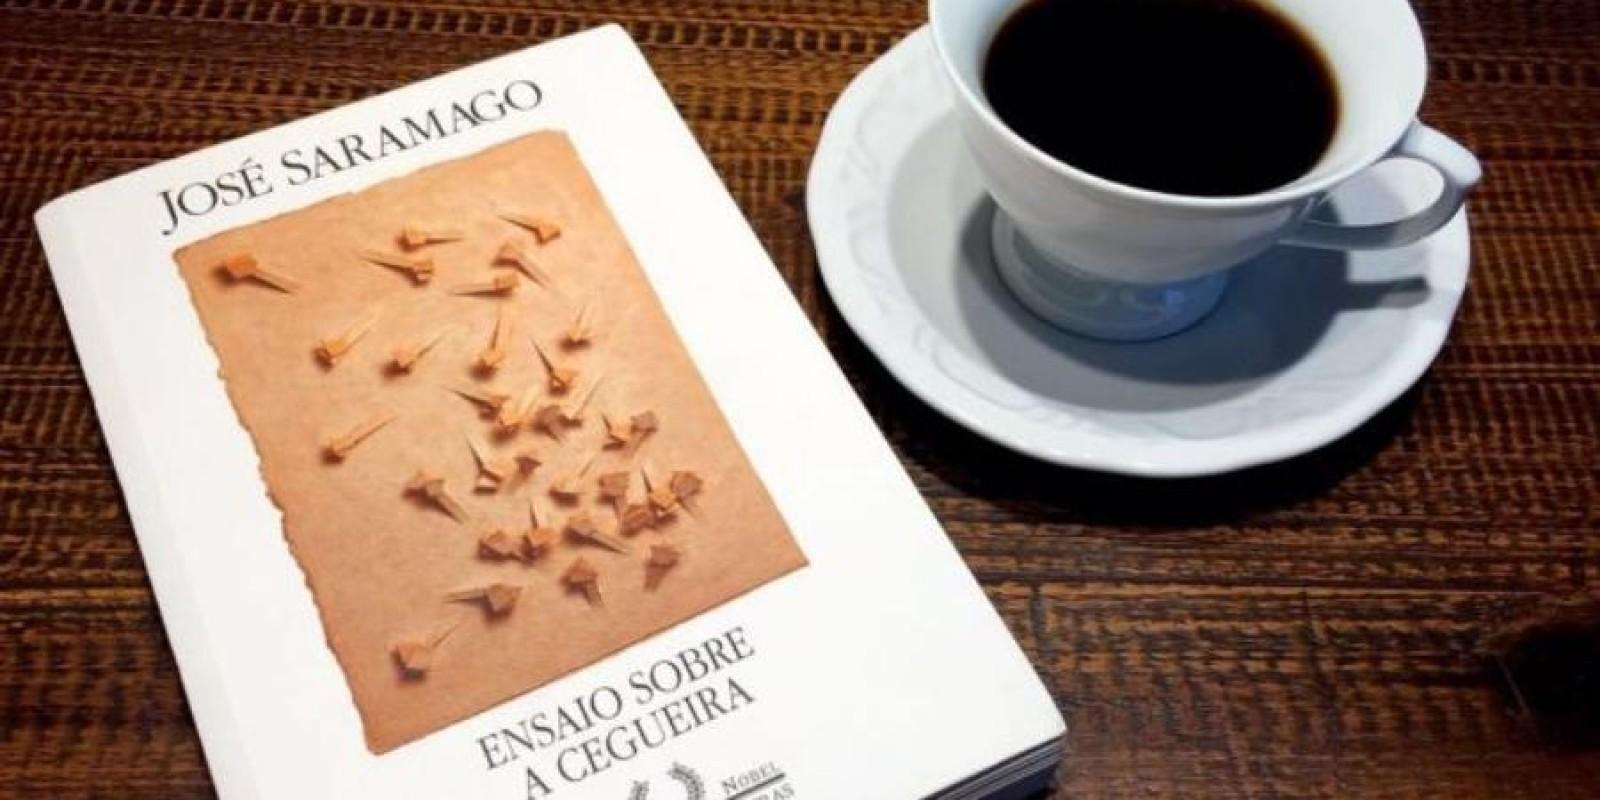 Ensaio Sobre A Cegueira, De José Saramago